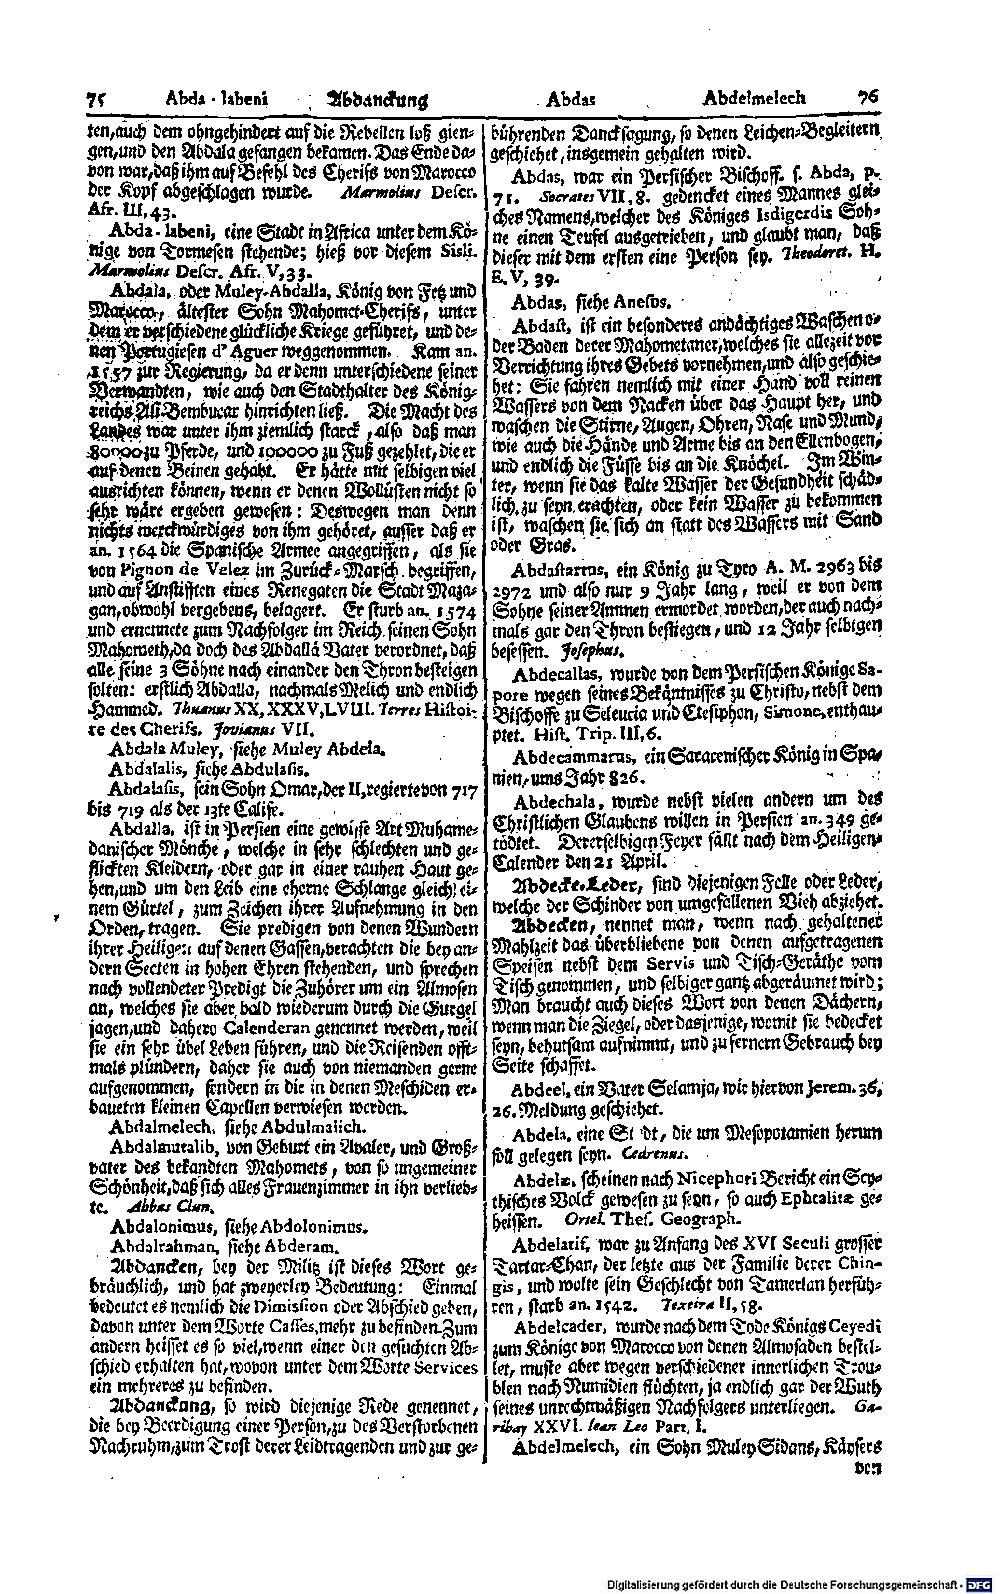 Bd. 01, Seite 0077.